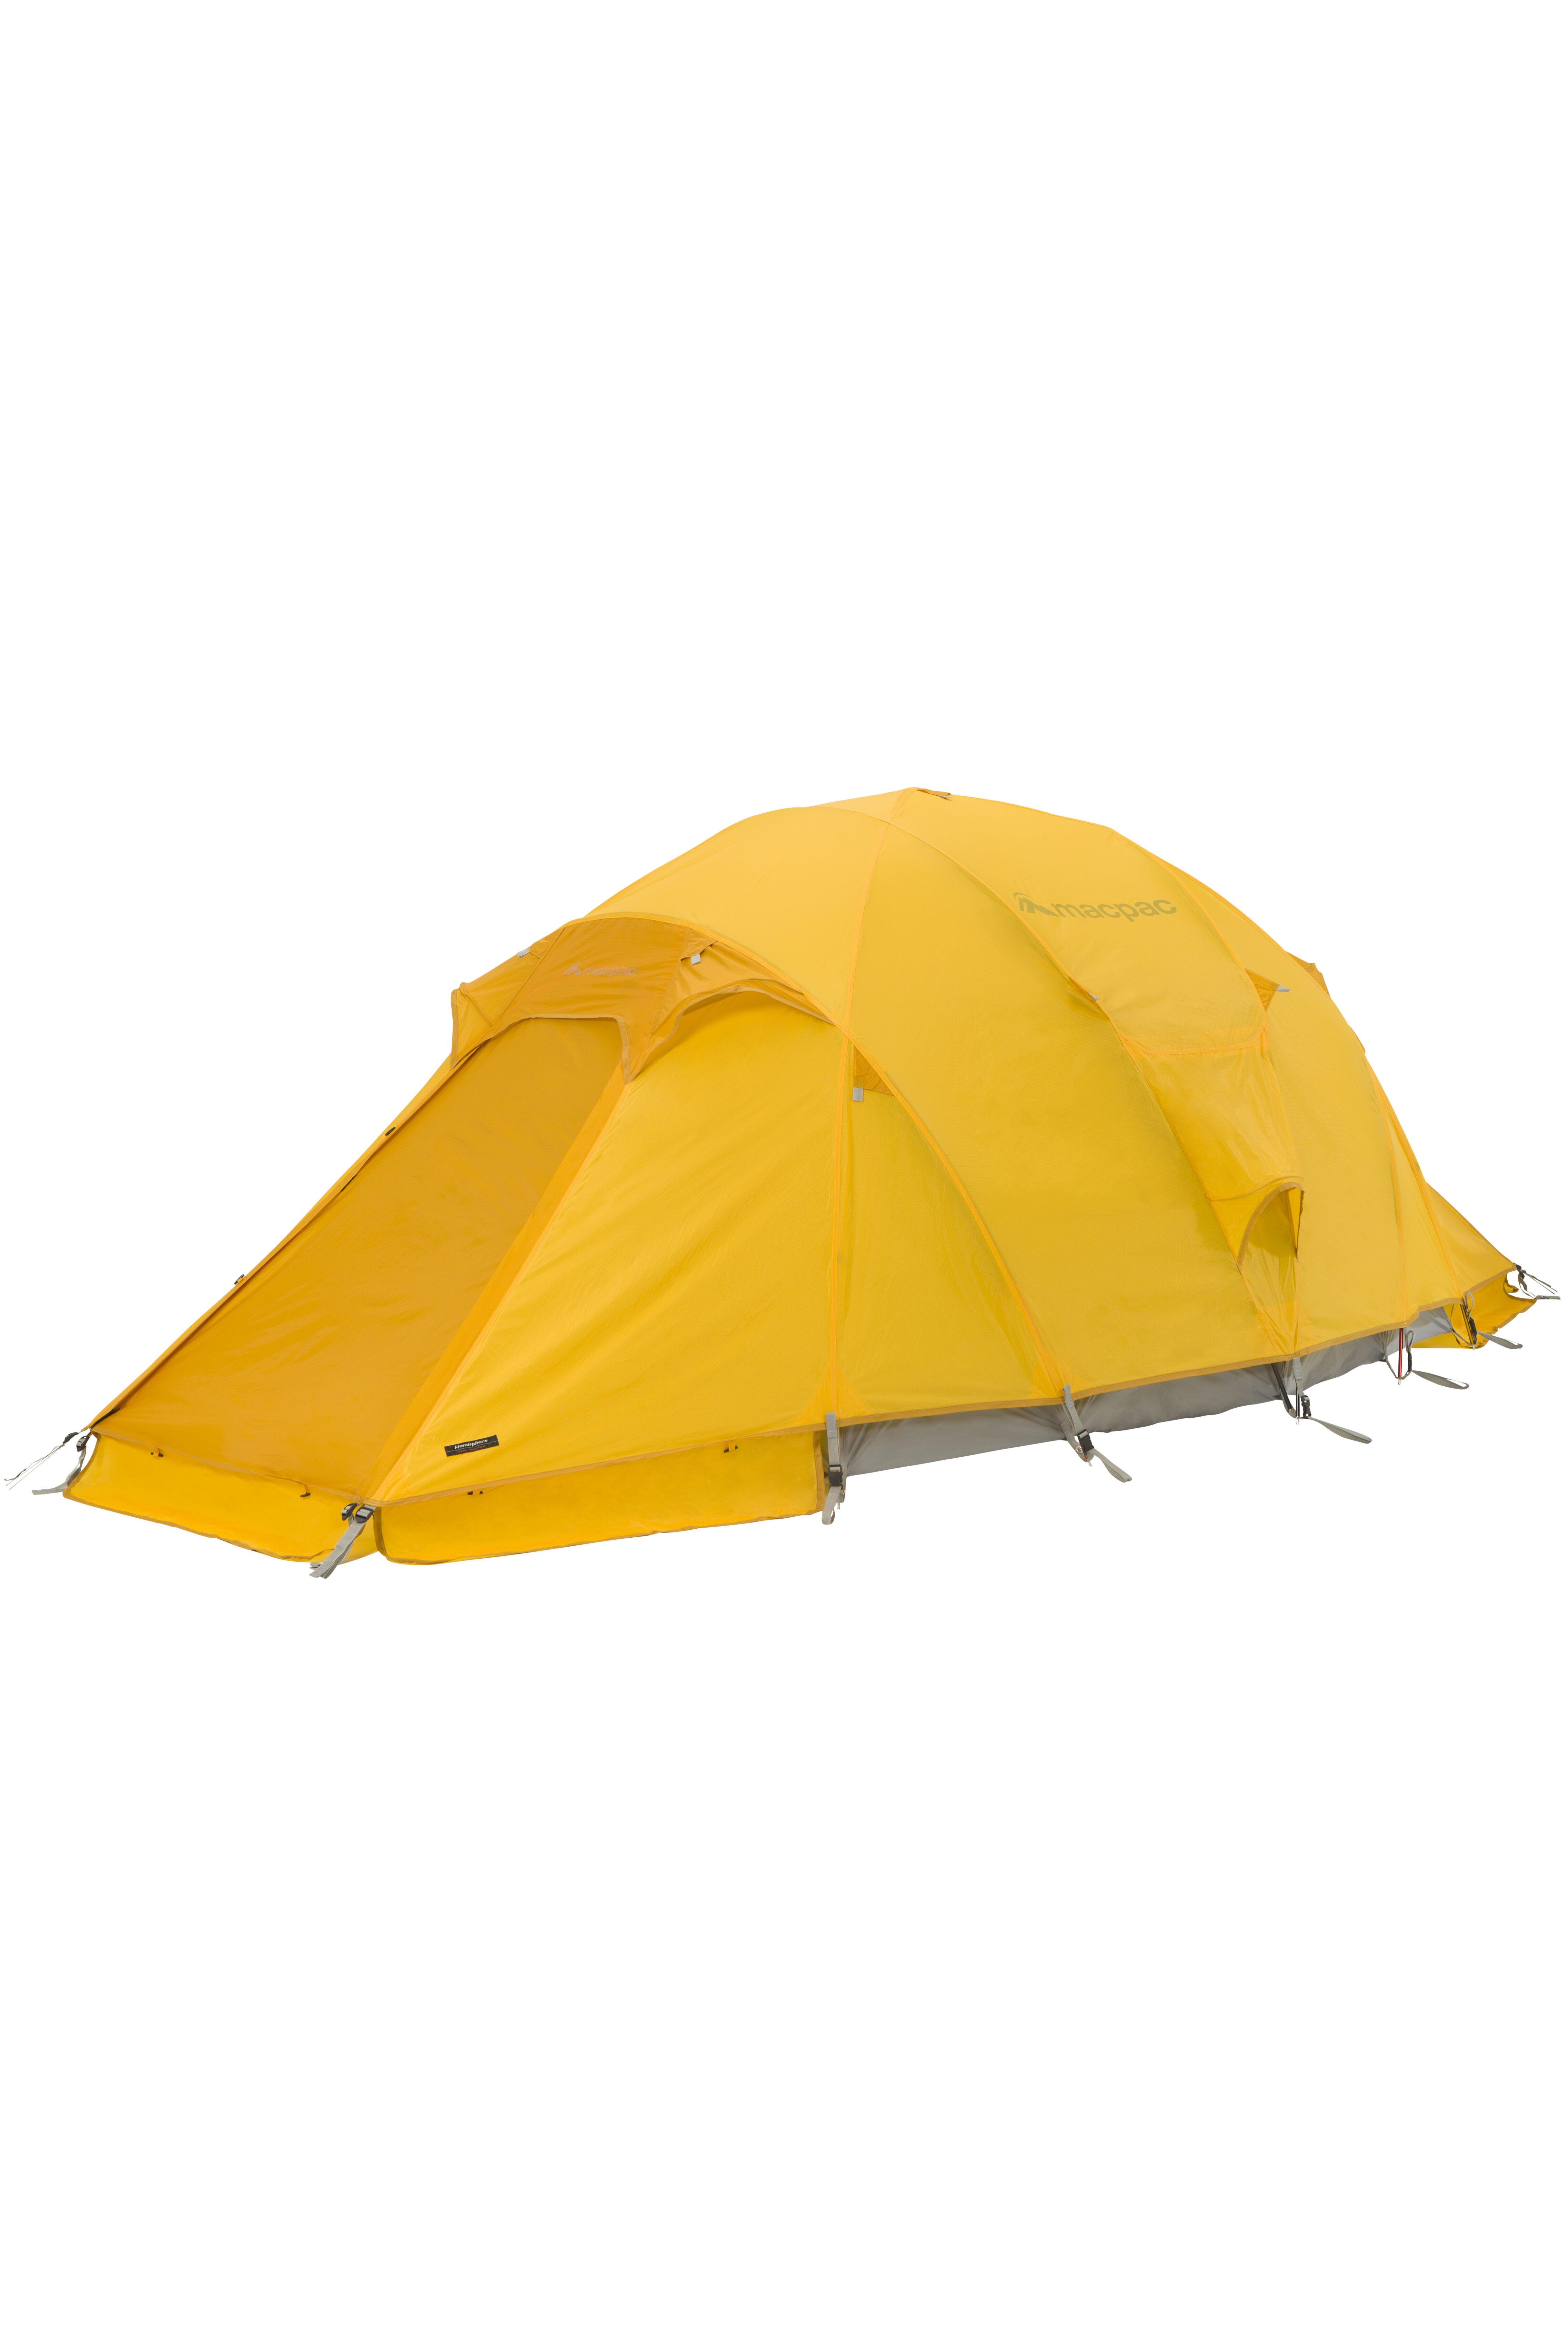 Macpac Hemisphere Alpine Tent Spectra Yellow hi-res  sc 1 st  Macpac & Macpac Hemisphere Alpine Tent